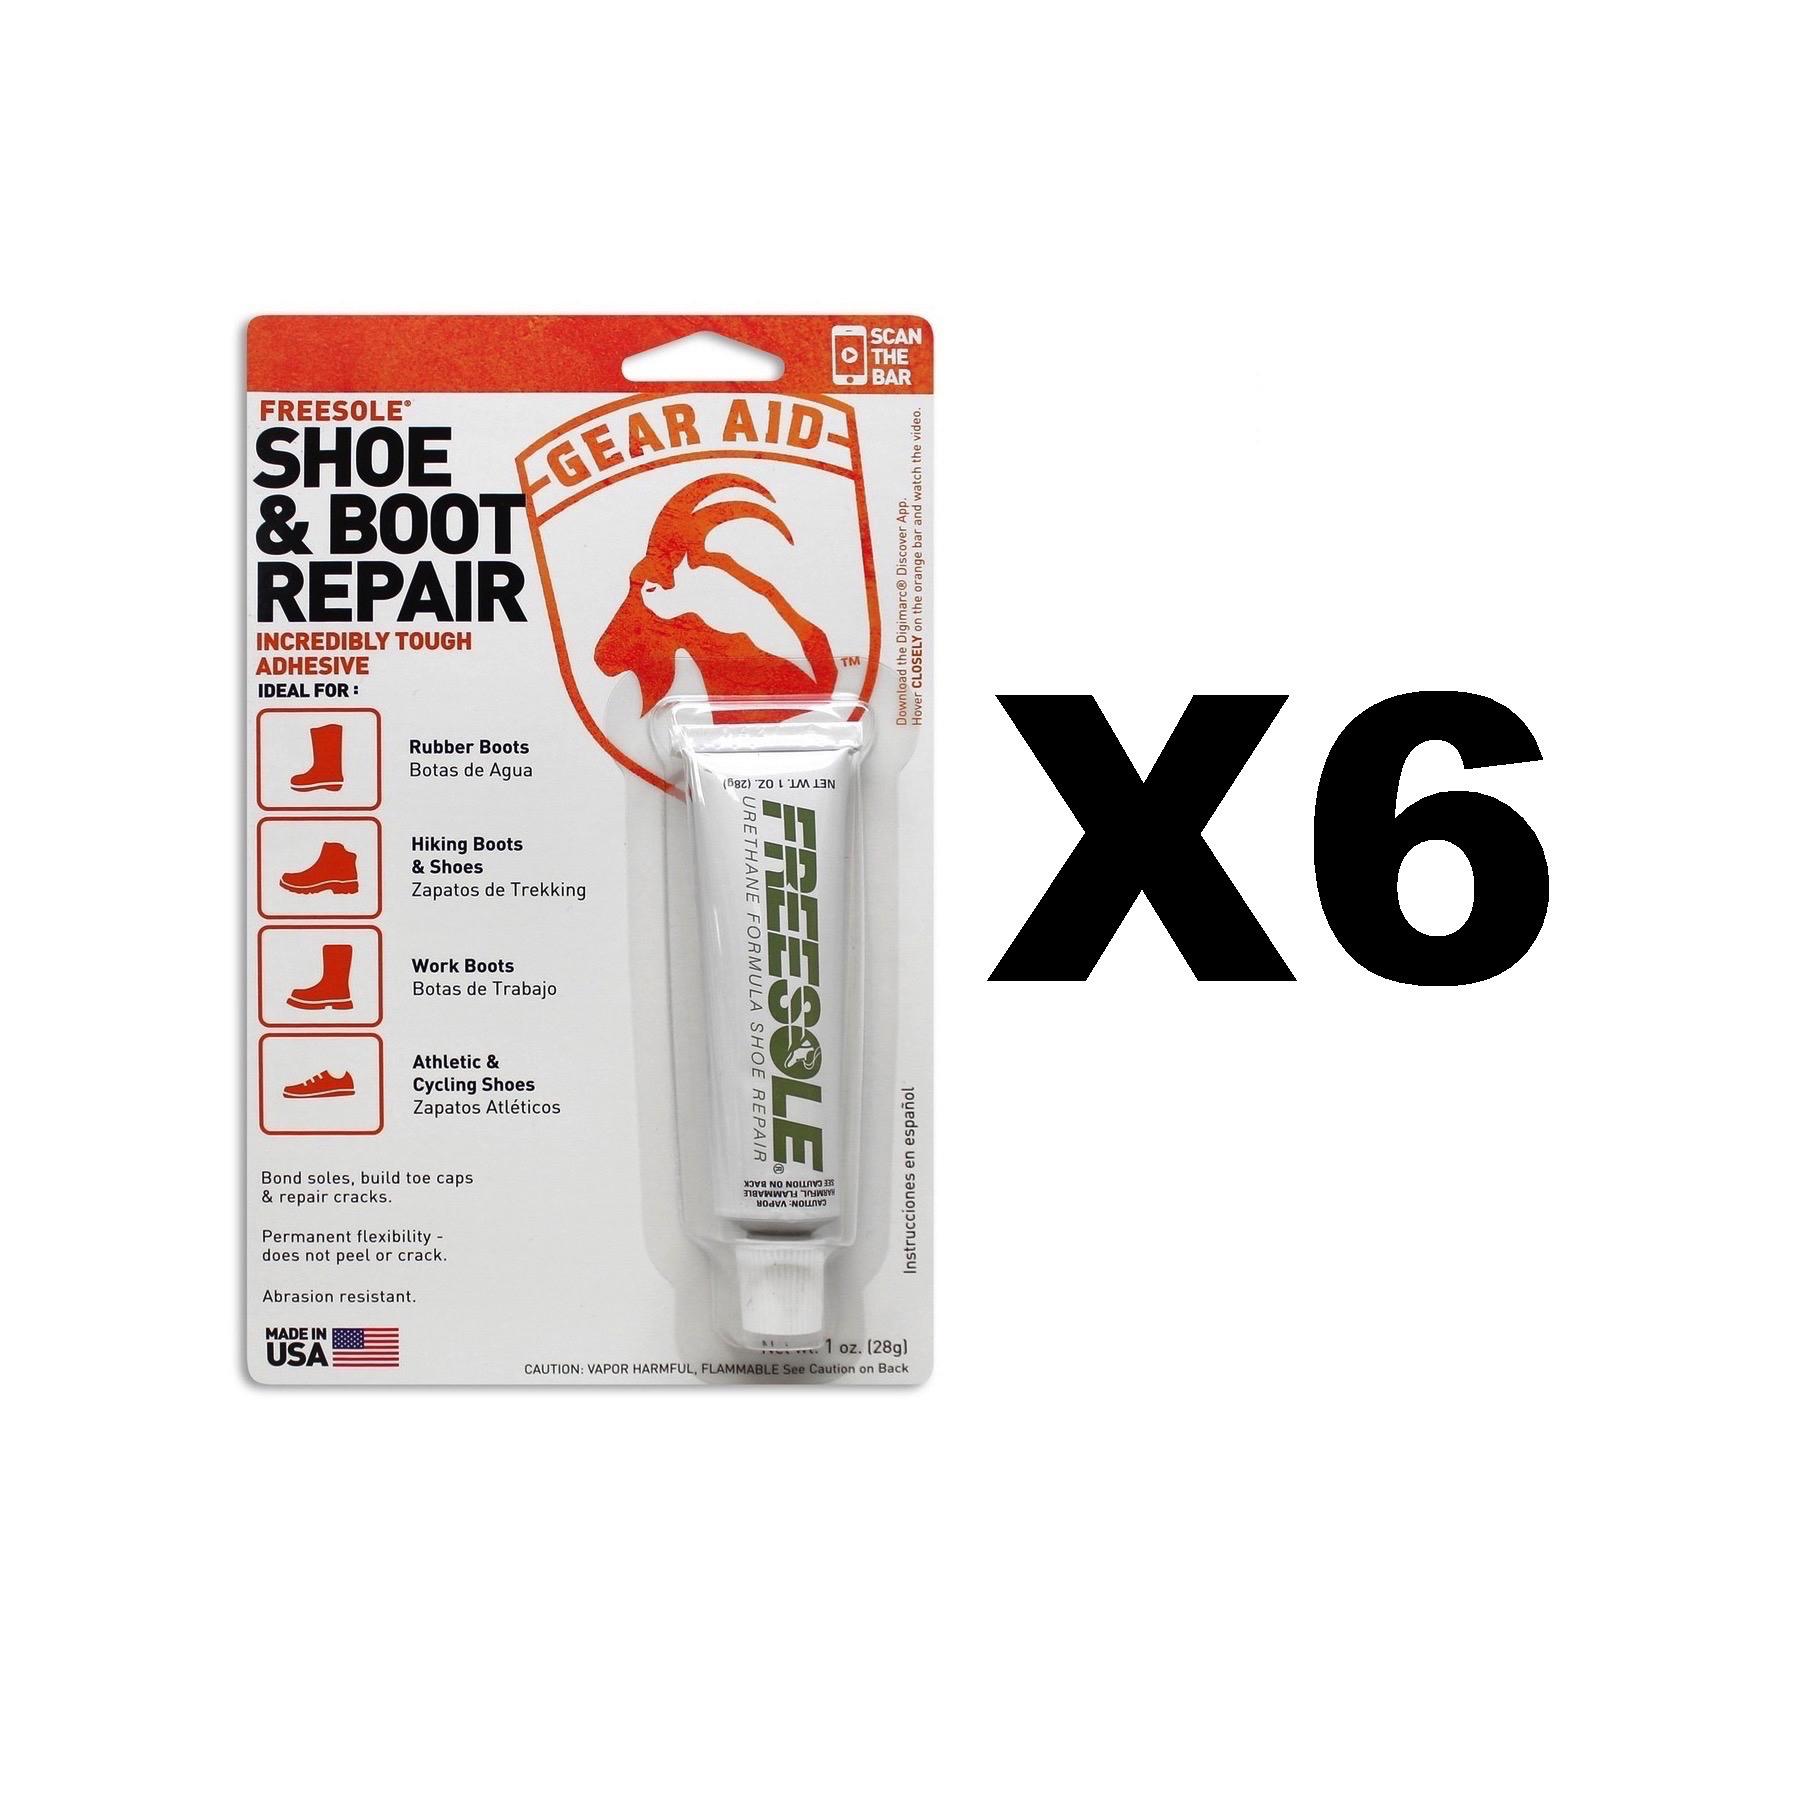 mcnett gear aid freesole shoe boot repair 1oz clear